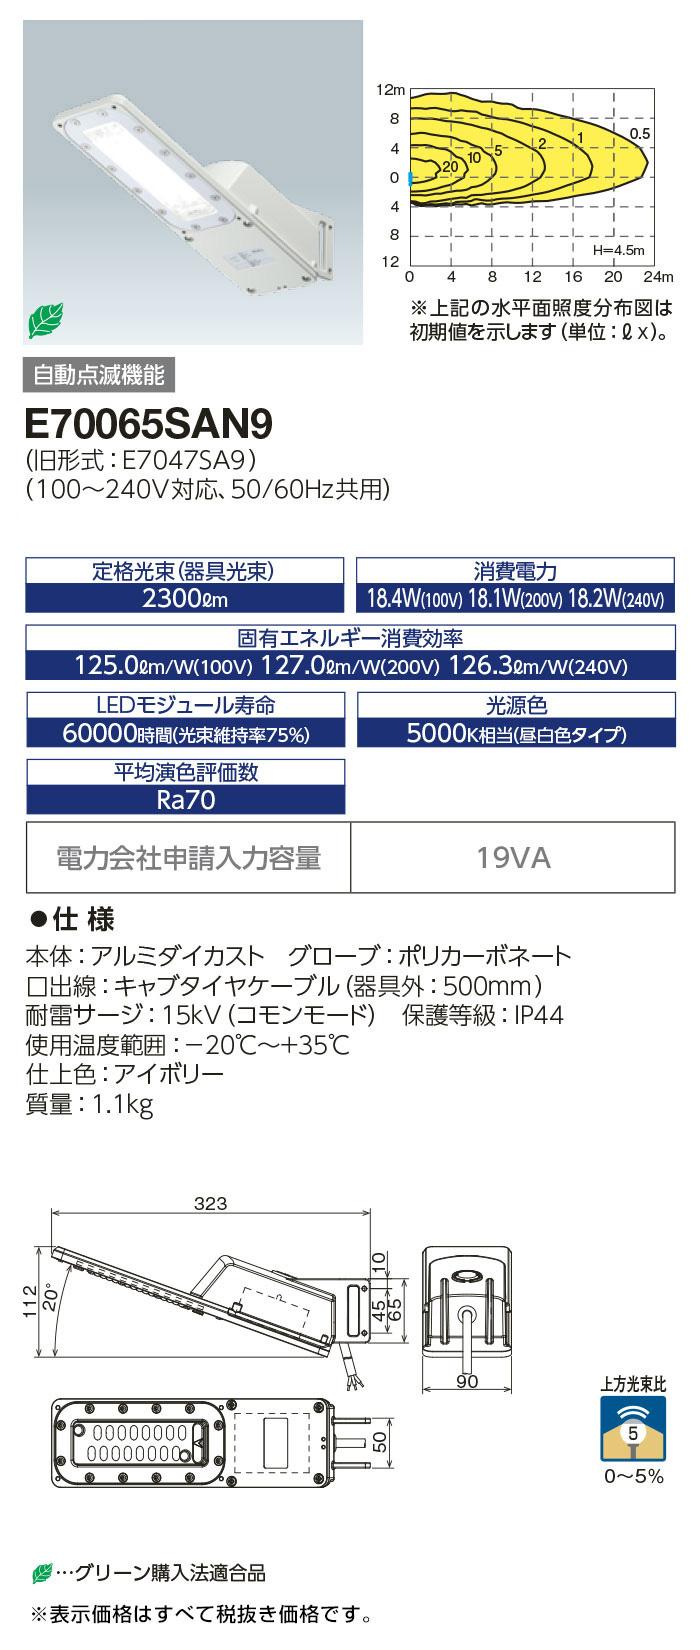 E70065SAN9